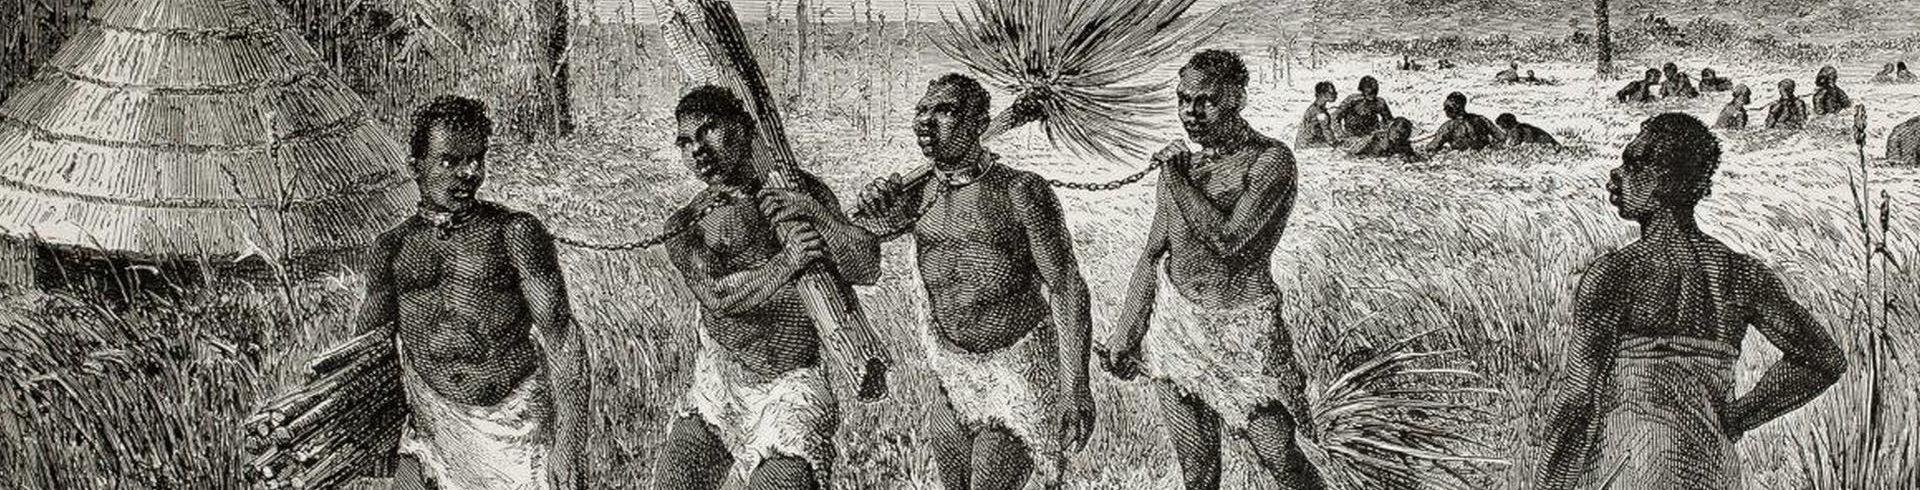 סחר העבדים העתיק של טנזניה - טיול לטנזניה | אקו טיולי שטח